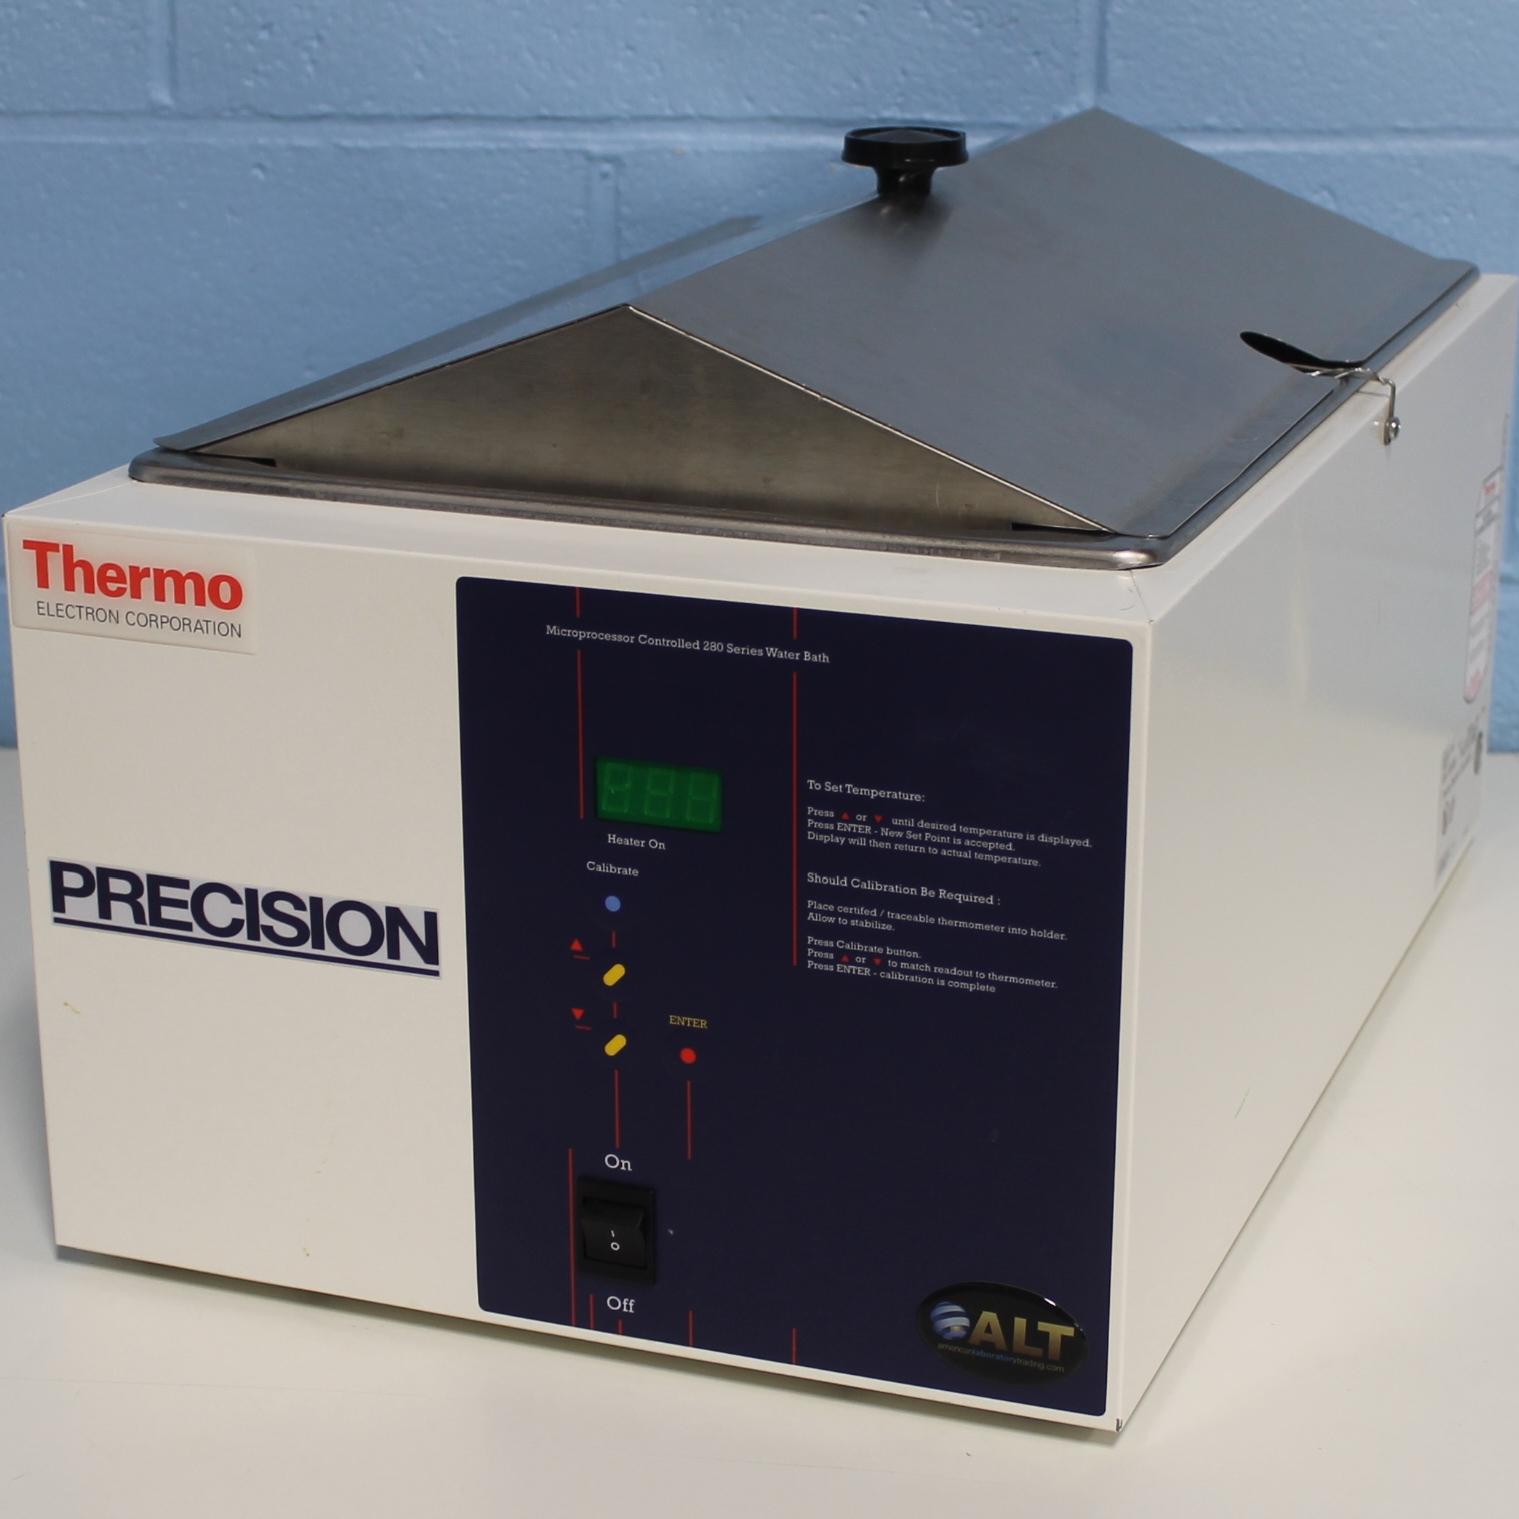 Thermo Scientific Precision 280 Series Digital Water Bath Image